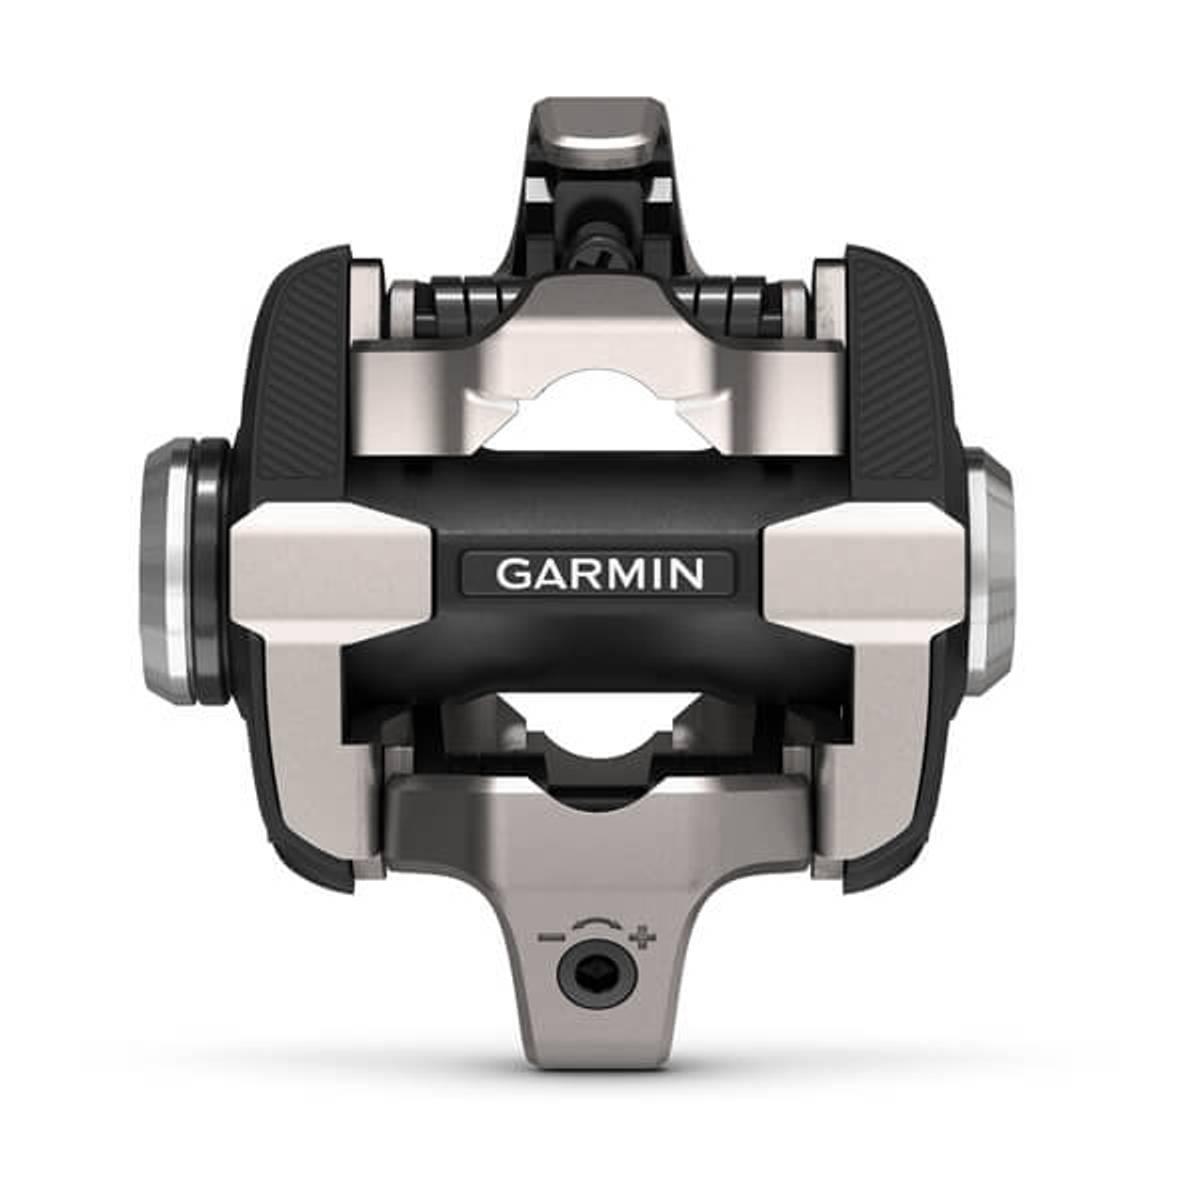 Garmin Høyre XC100 Pedalkropp uten sensor